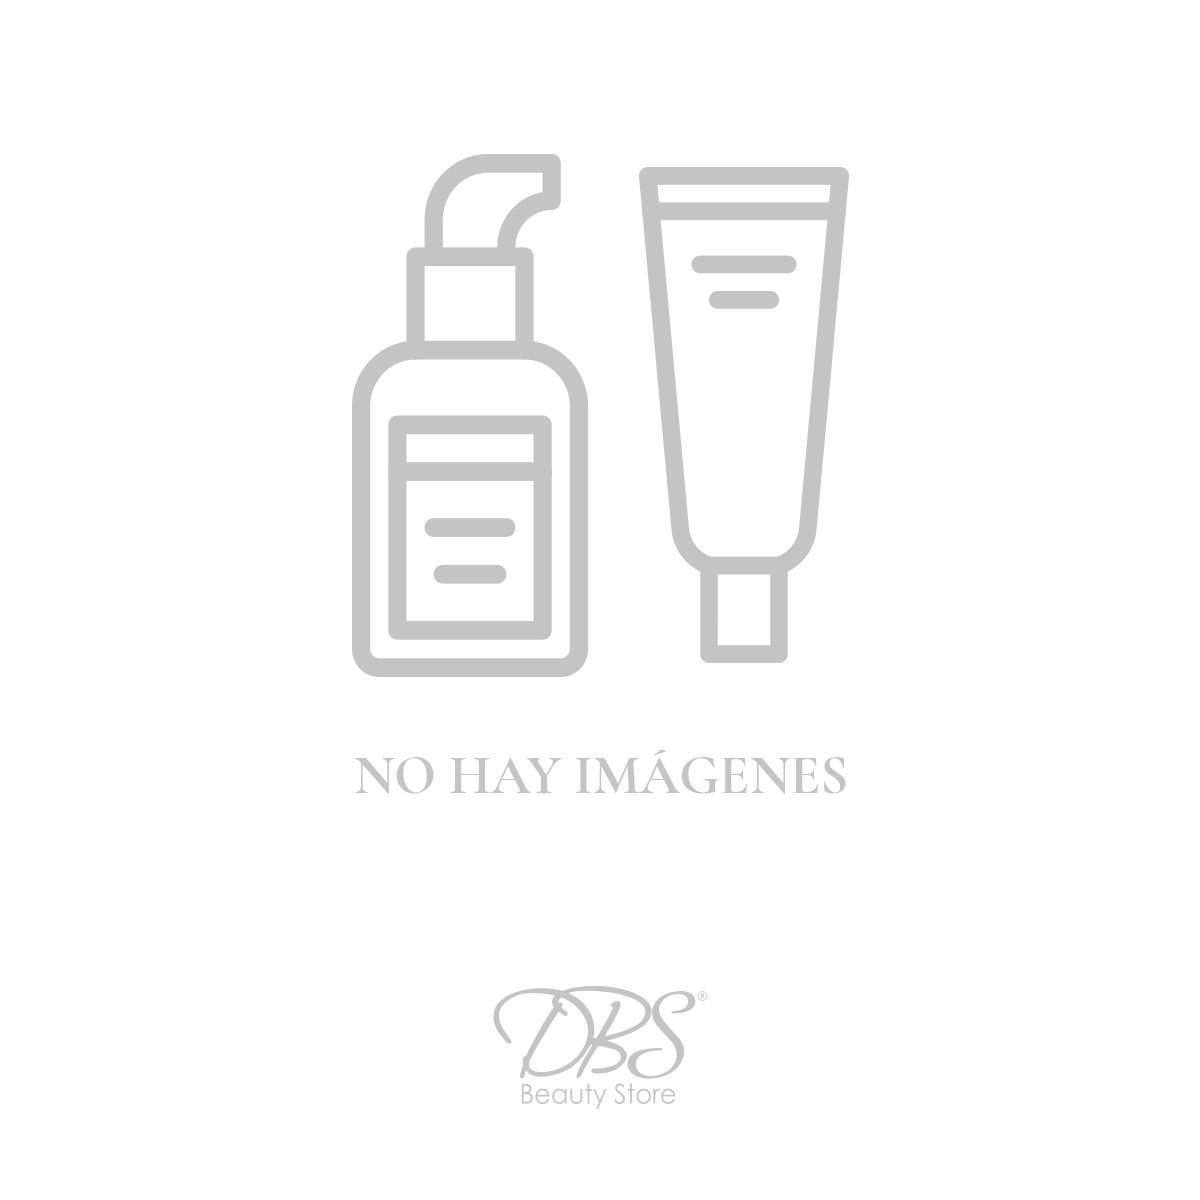 bath-and-body-works-BW-36115.jpg